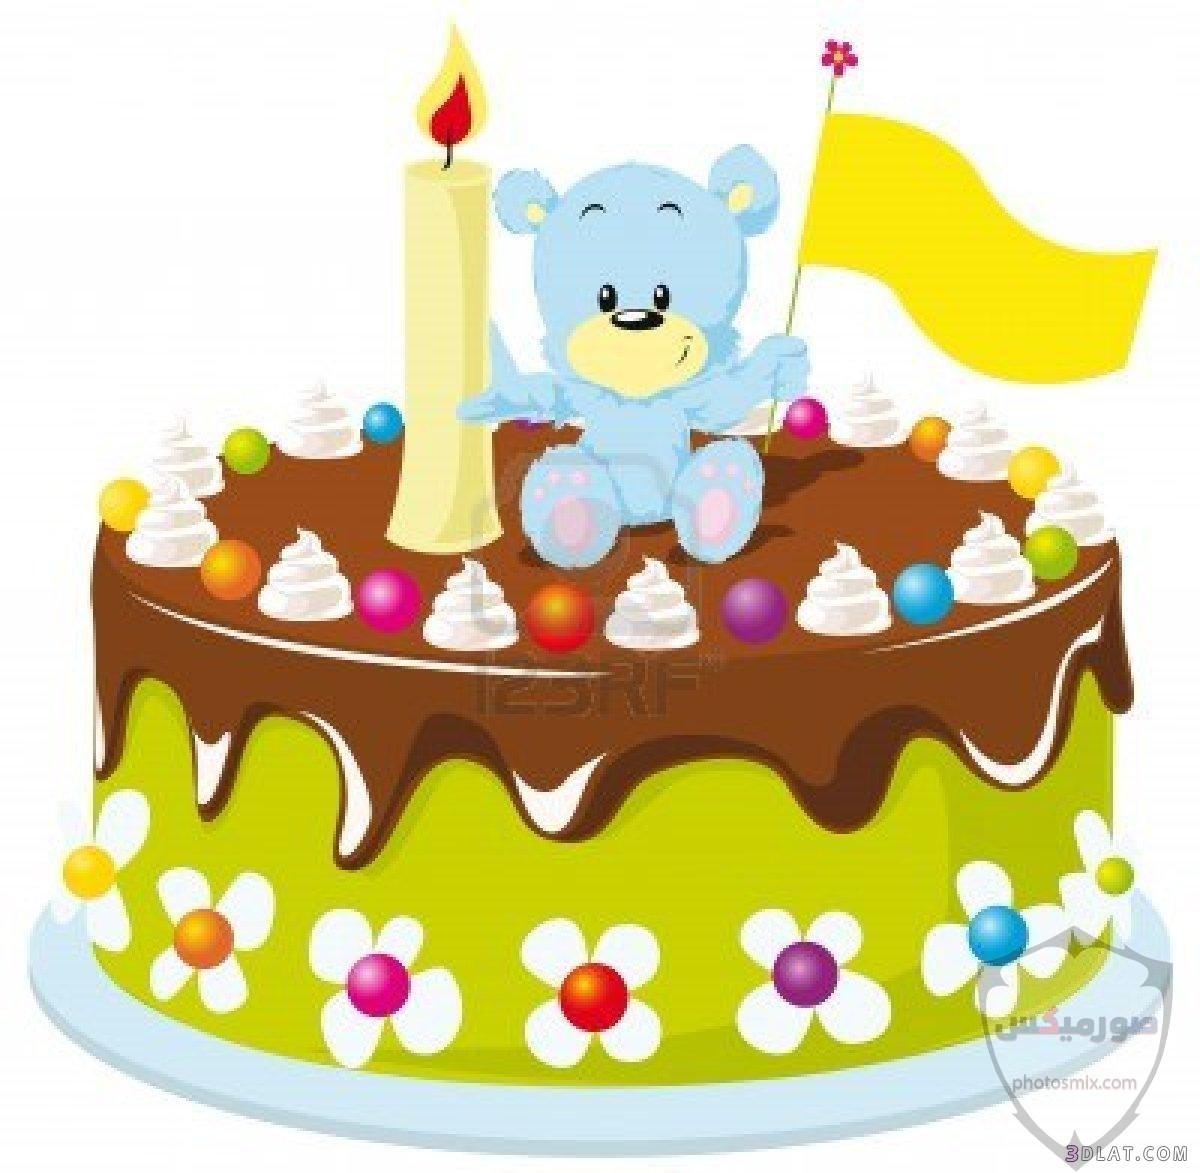 صور عيد ميلاد سعيد 2020 صور تورتة تهنئة لأعياد الميلاد 2021 صور happy birth day 18